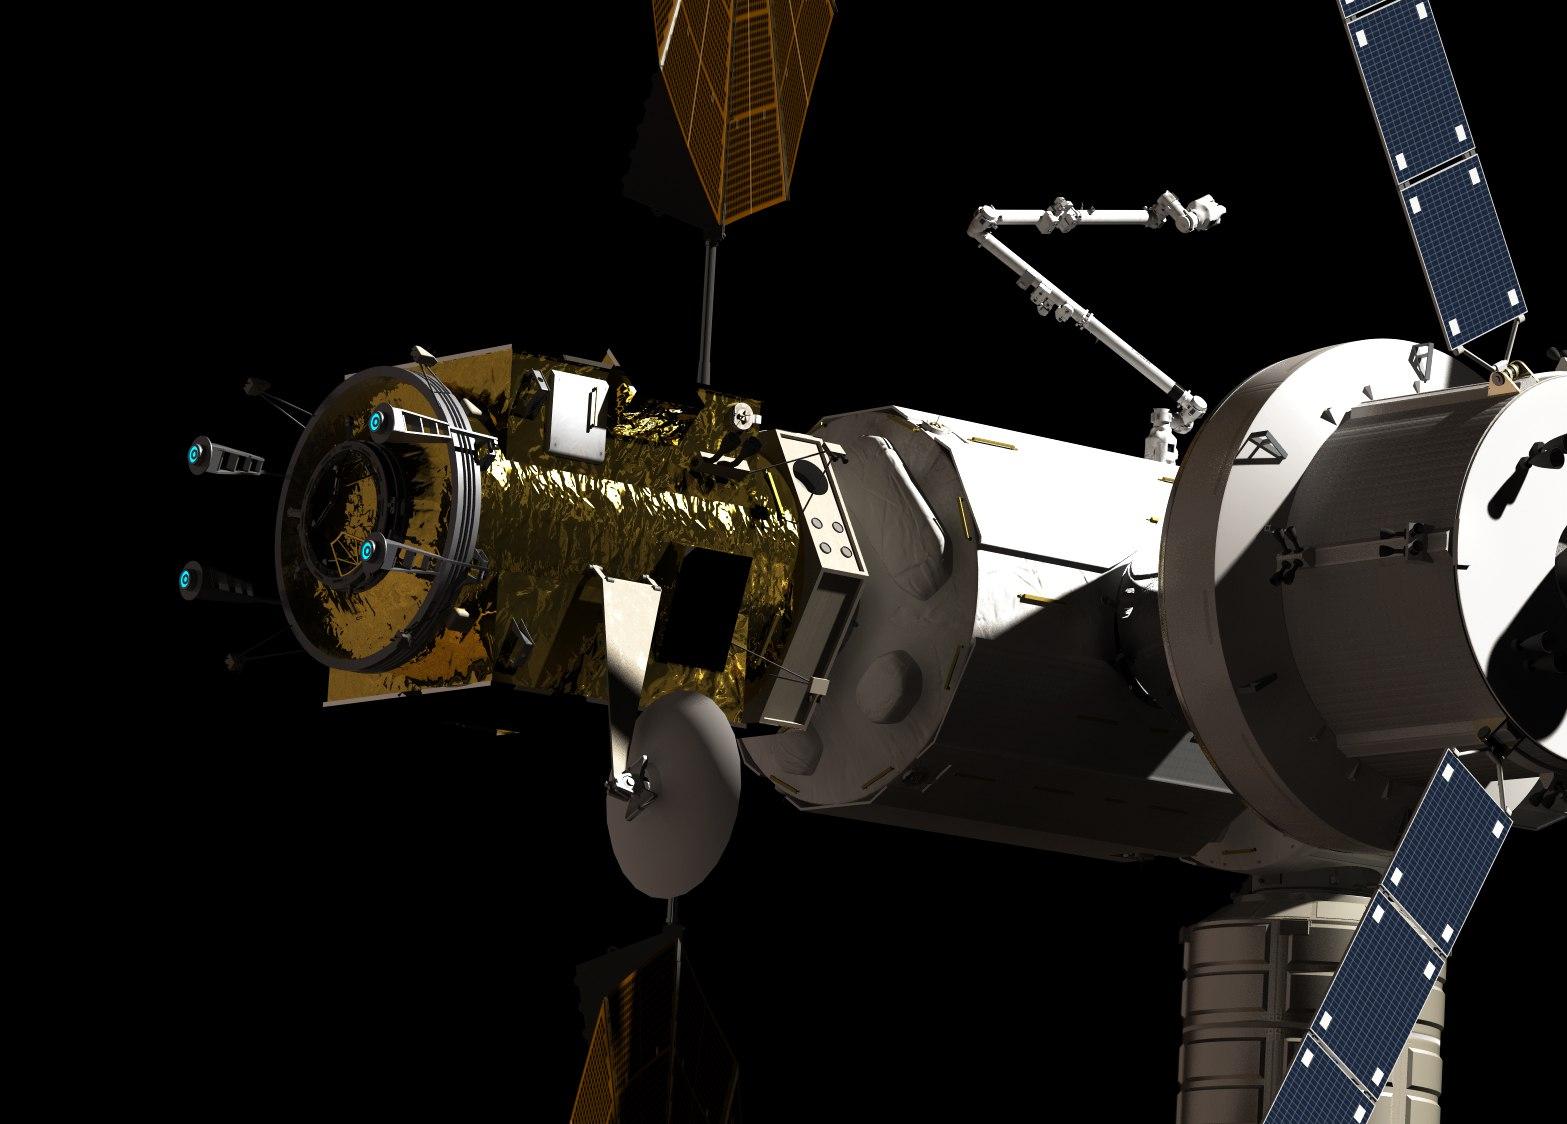 nasa orbital program - HD1567×1124